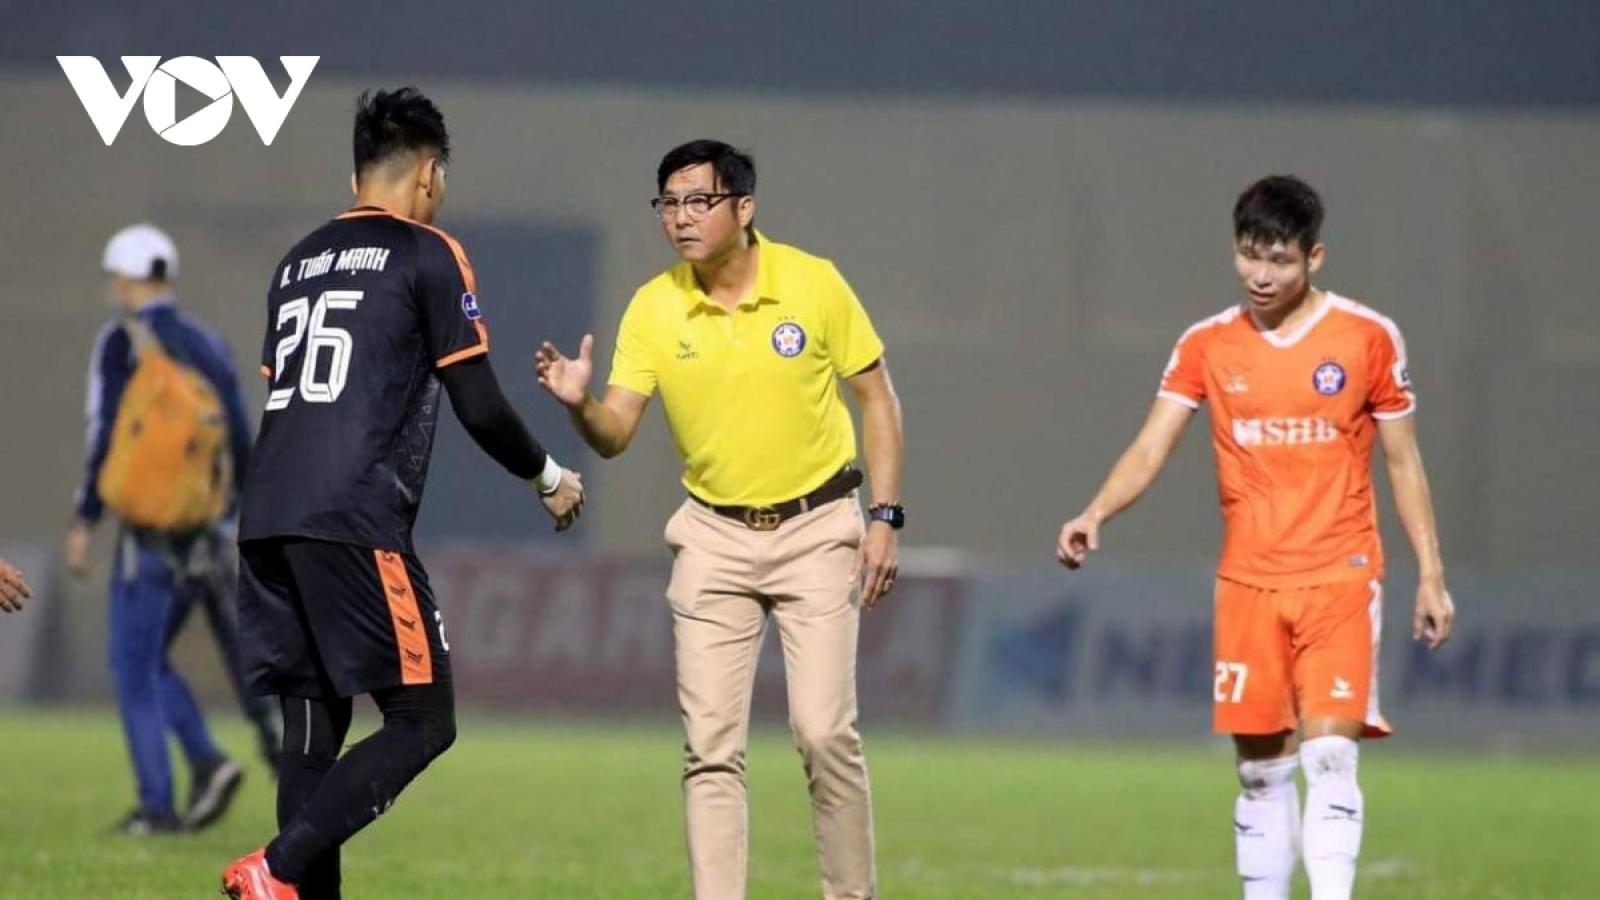 HLV Phan Thanh Hùng thay thế HLV Lê Huỳnh Đức dẫn dắt Đà Nẵng